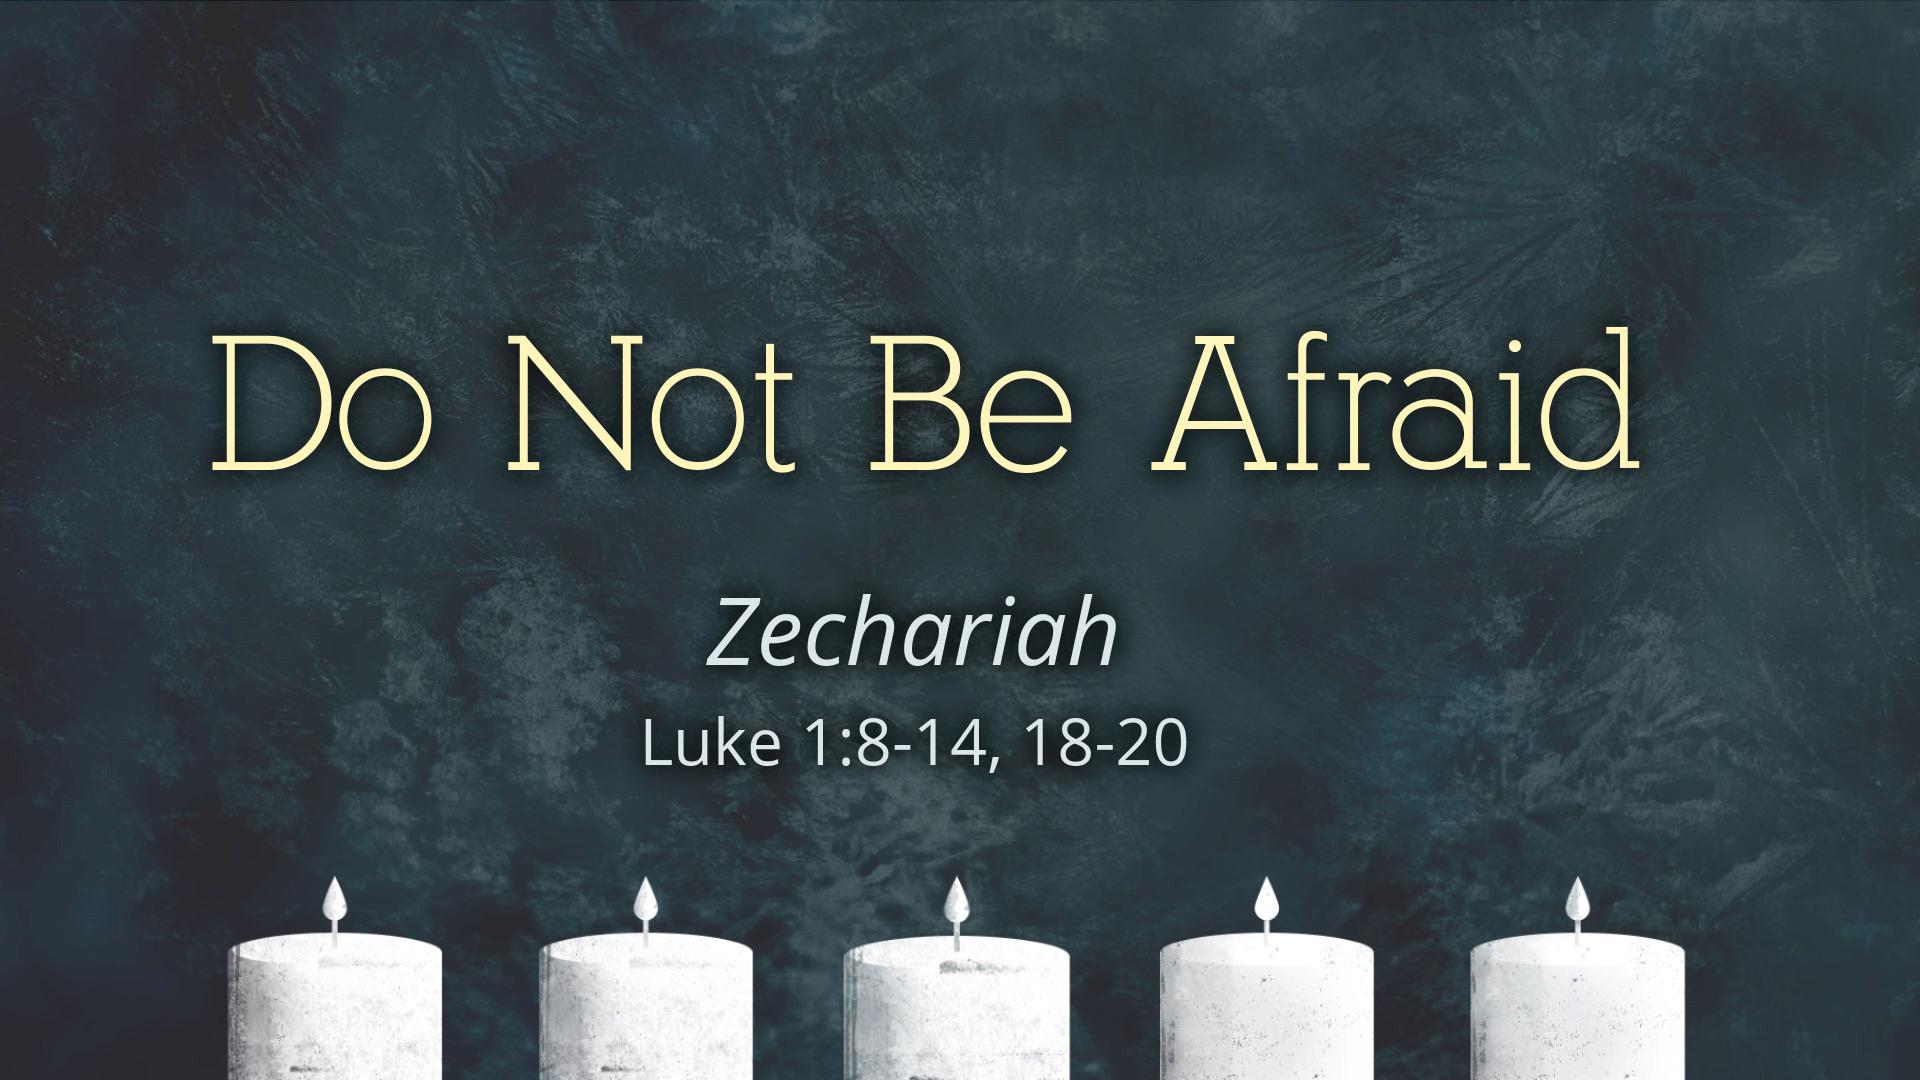 Image for the sermon Zechariah